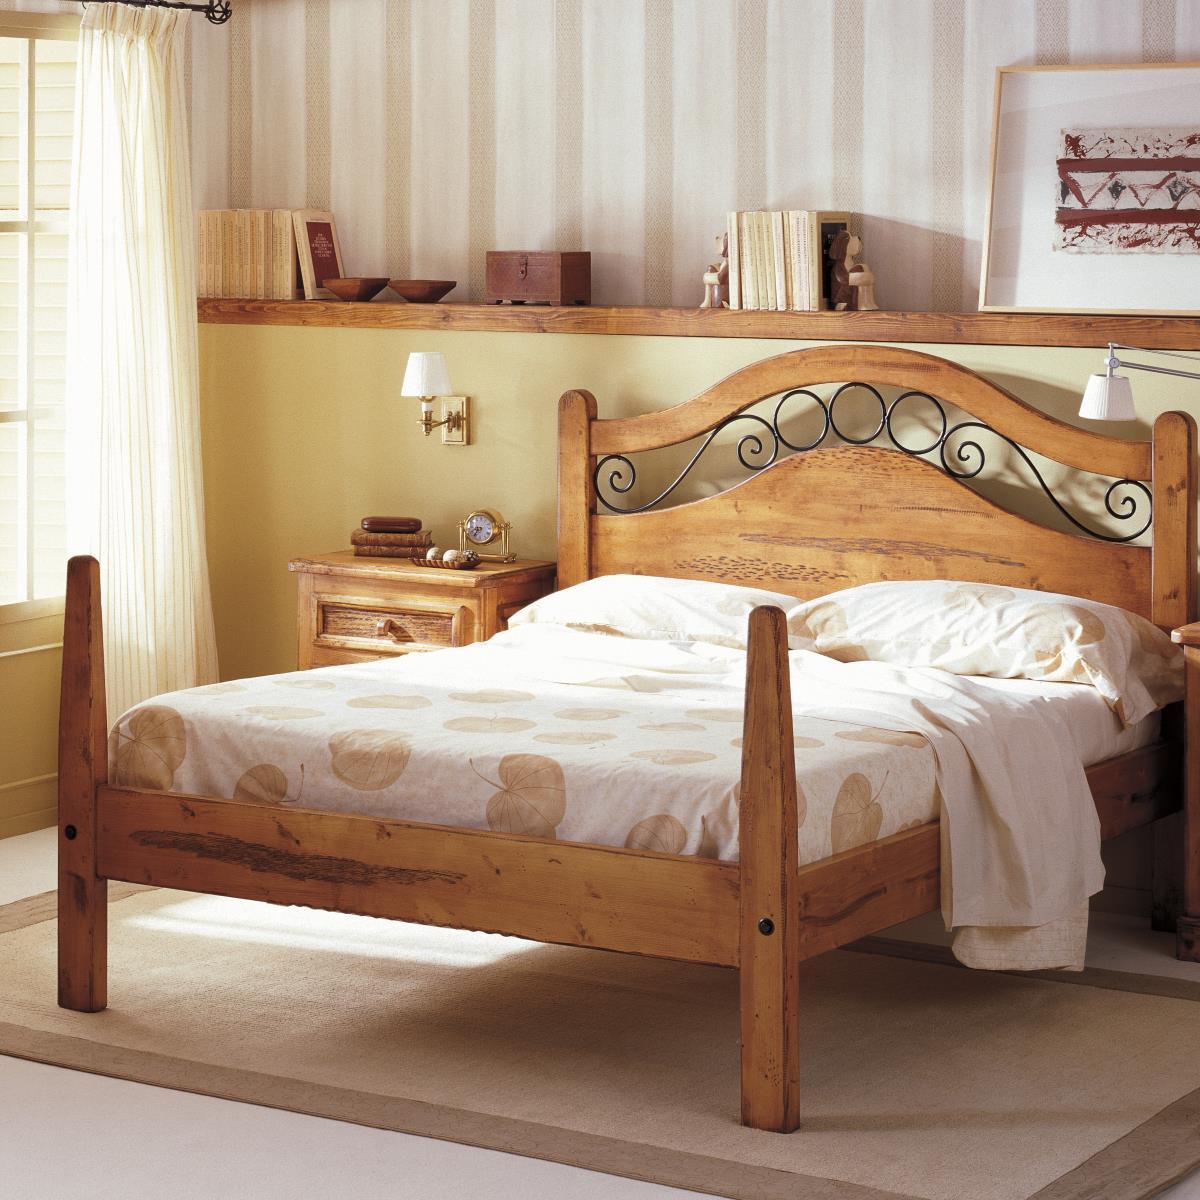 Cama r stica forja de madera ecor stico venta de muebles for Modelos de zapateros de madera